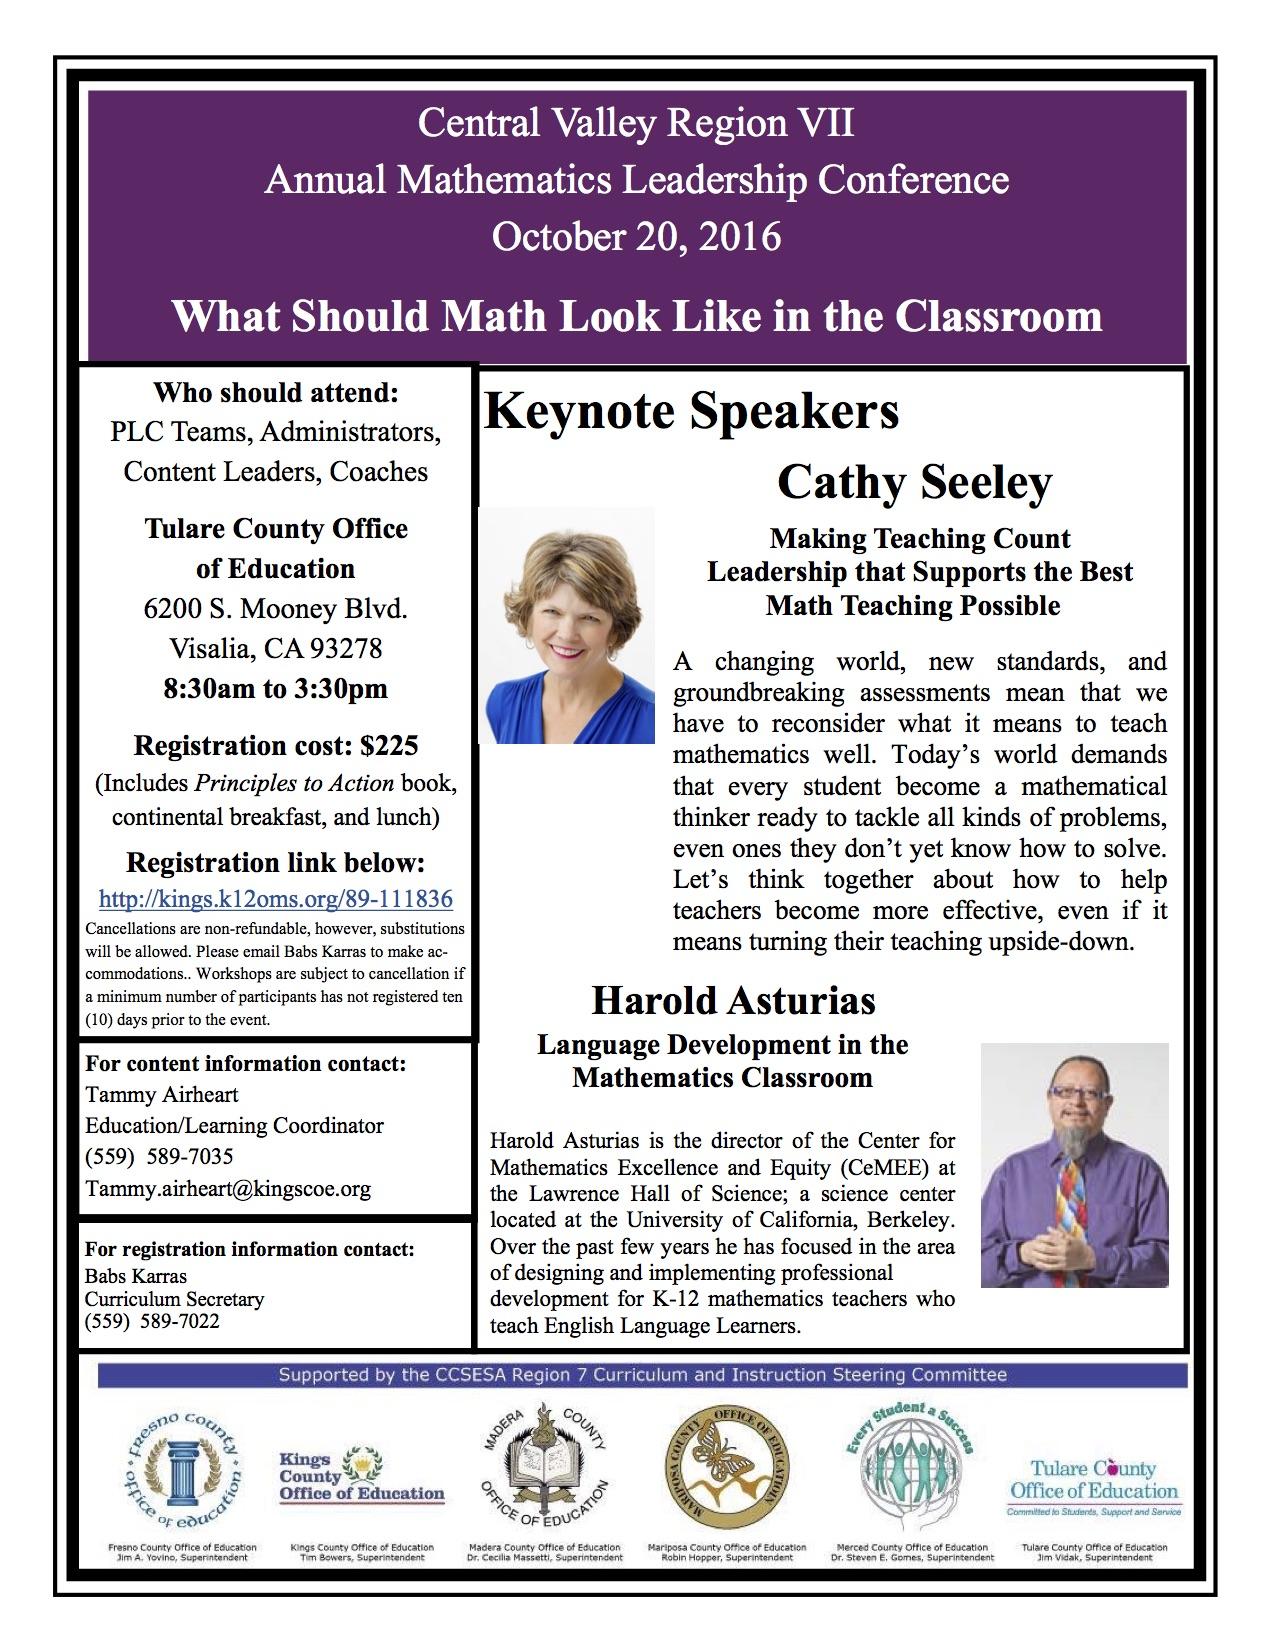 math-flyer-10-20-2016-copy